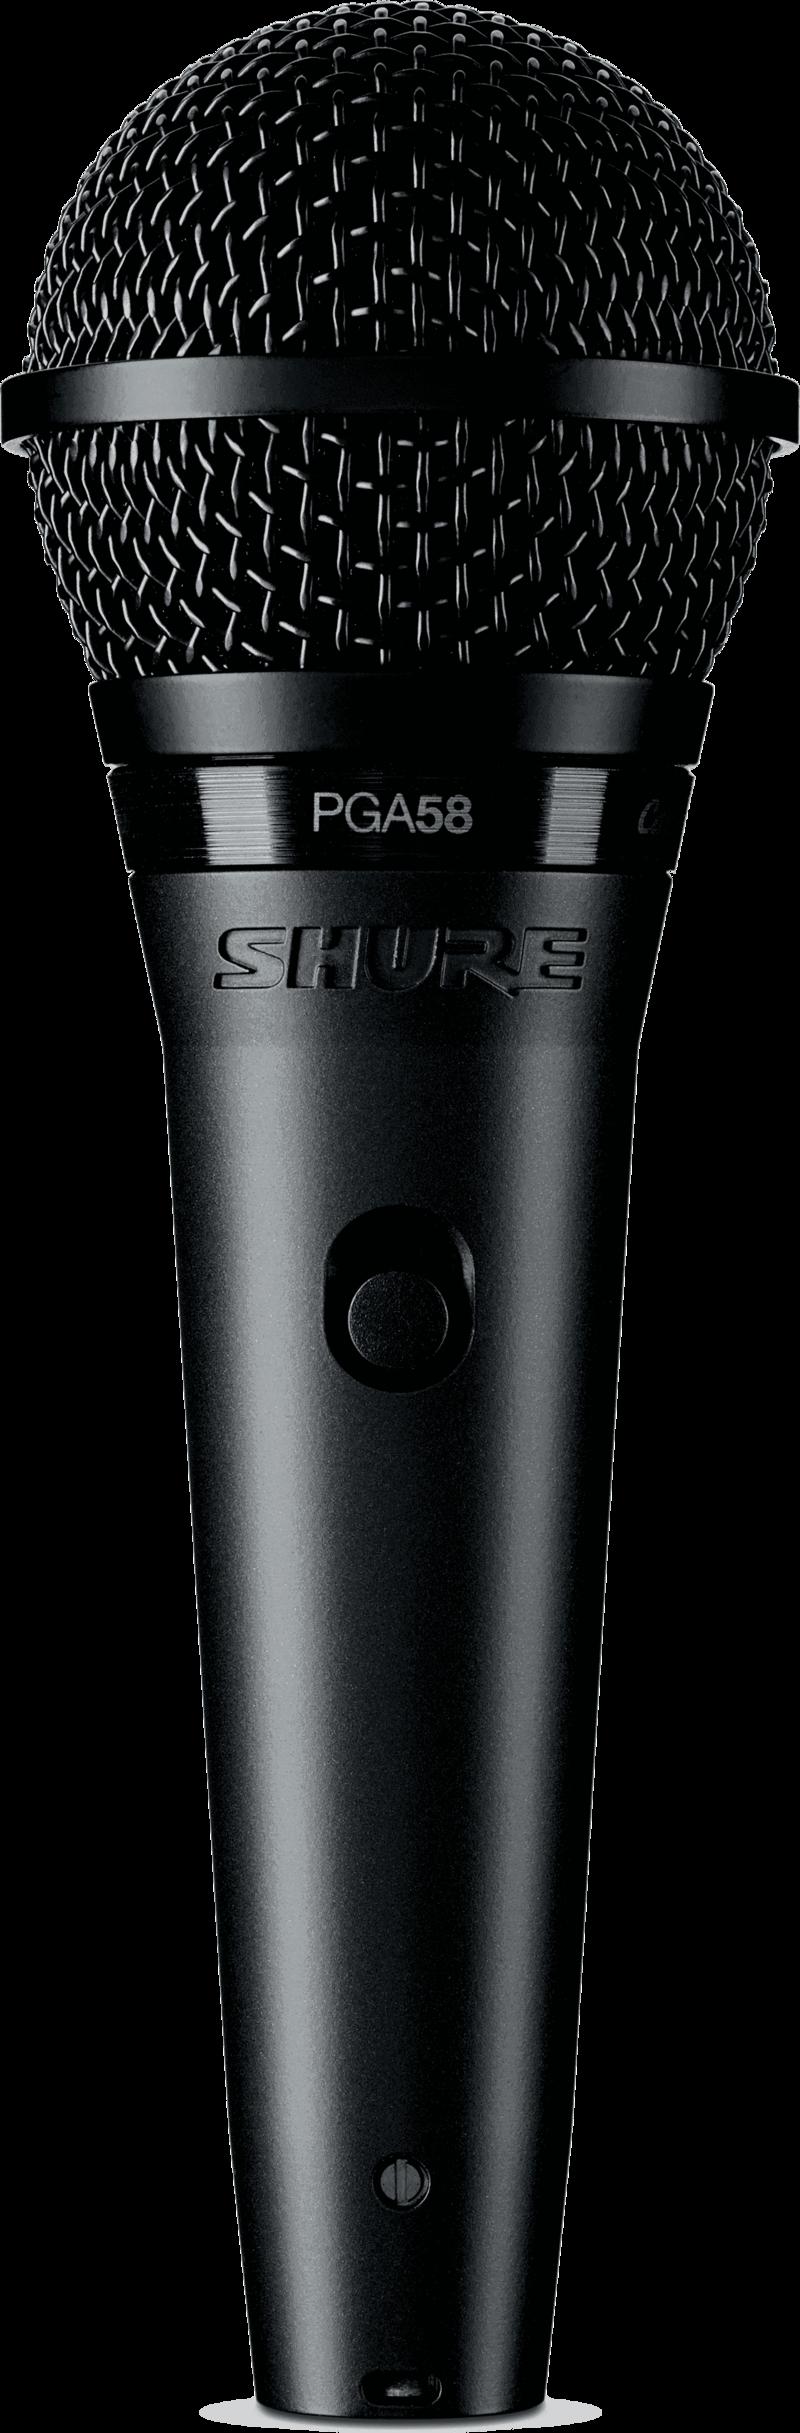 Micro Shure filaire PGA58-QTR - Voir en grand